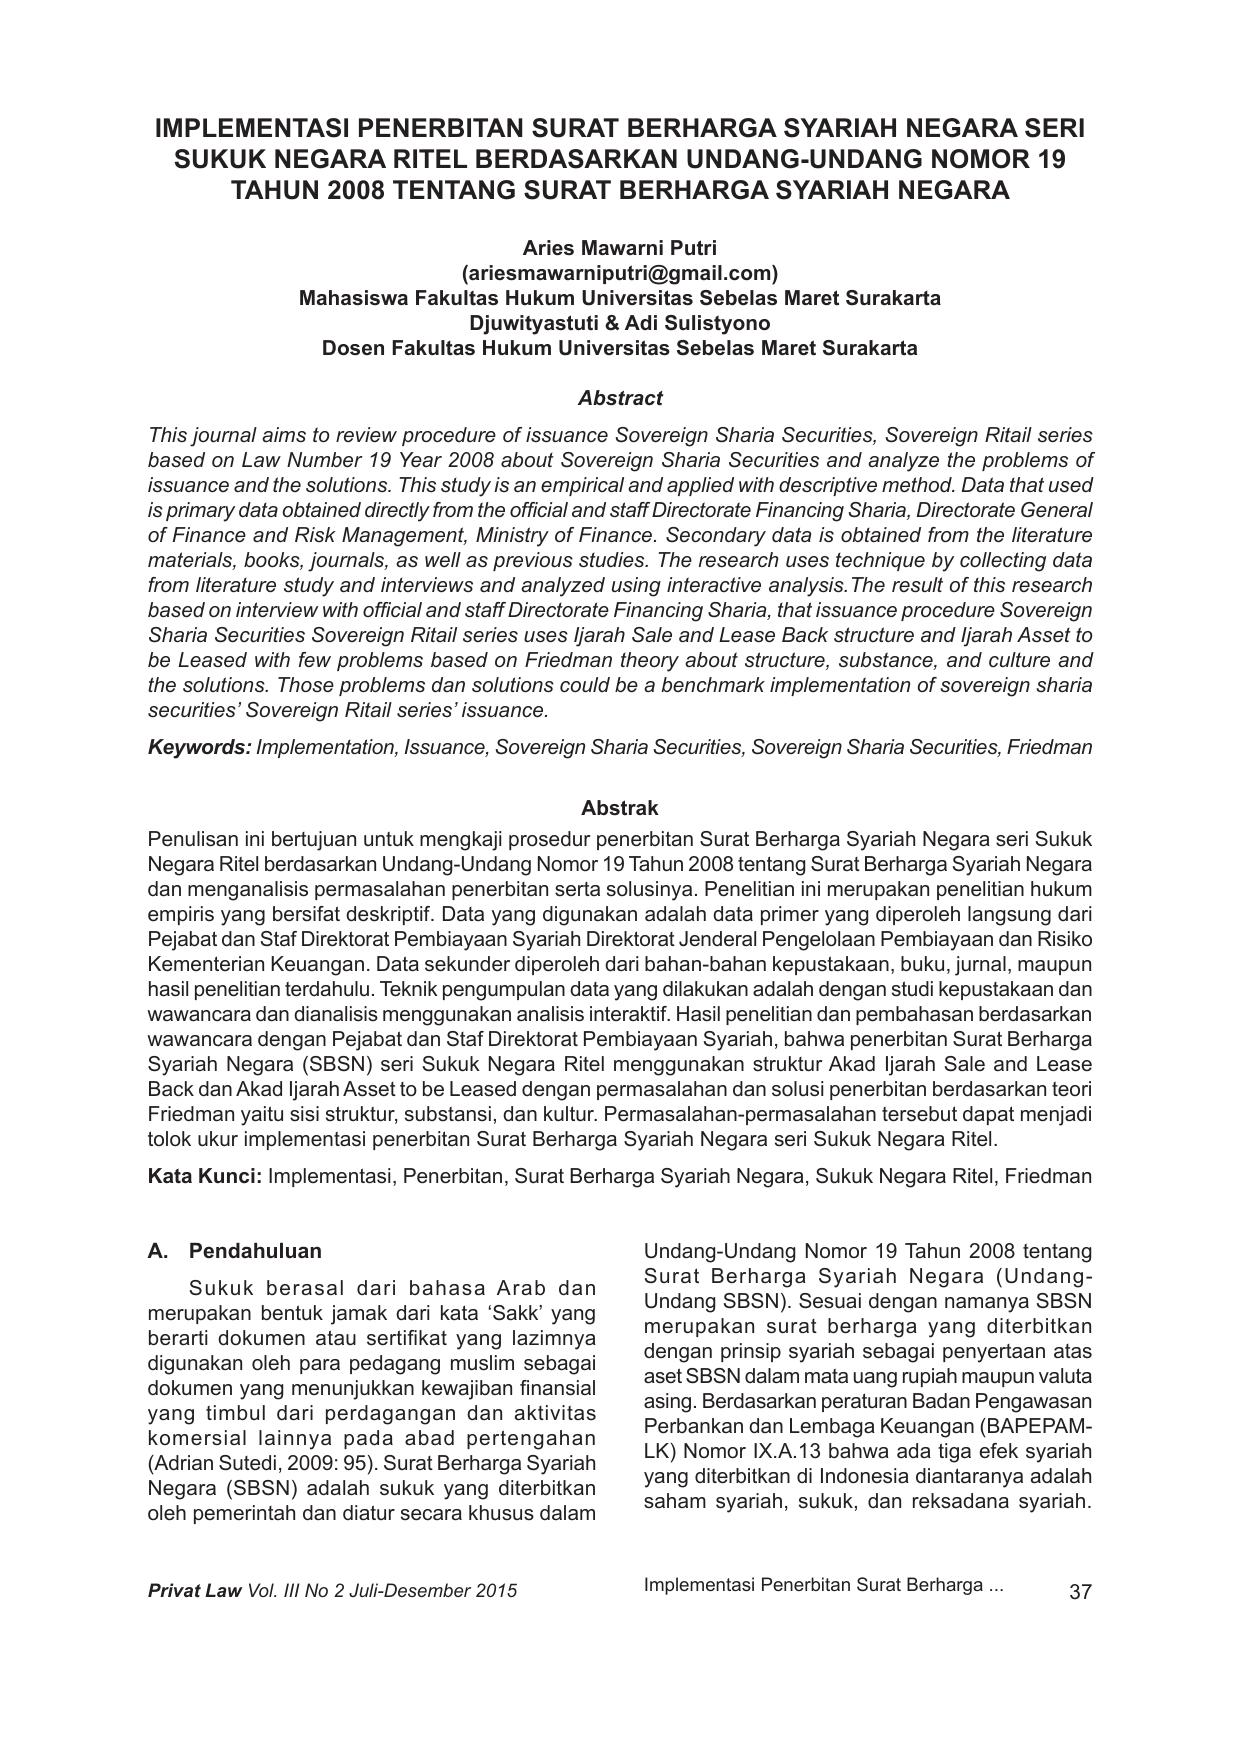 Implementasi Penerbitan Surat Berharga Syariah Negara Seri